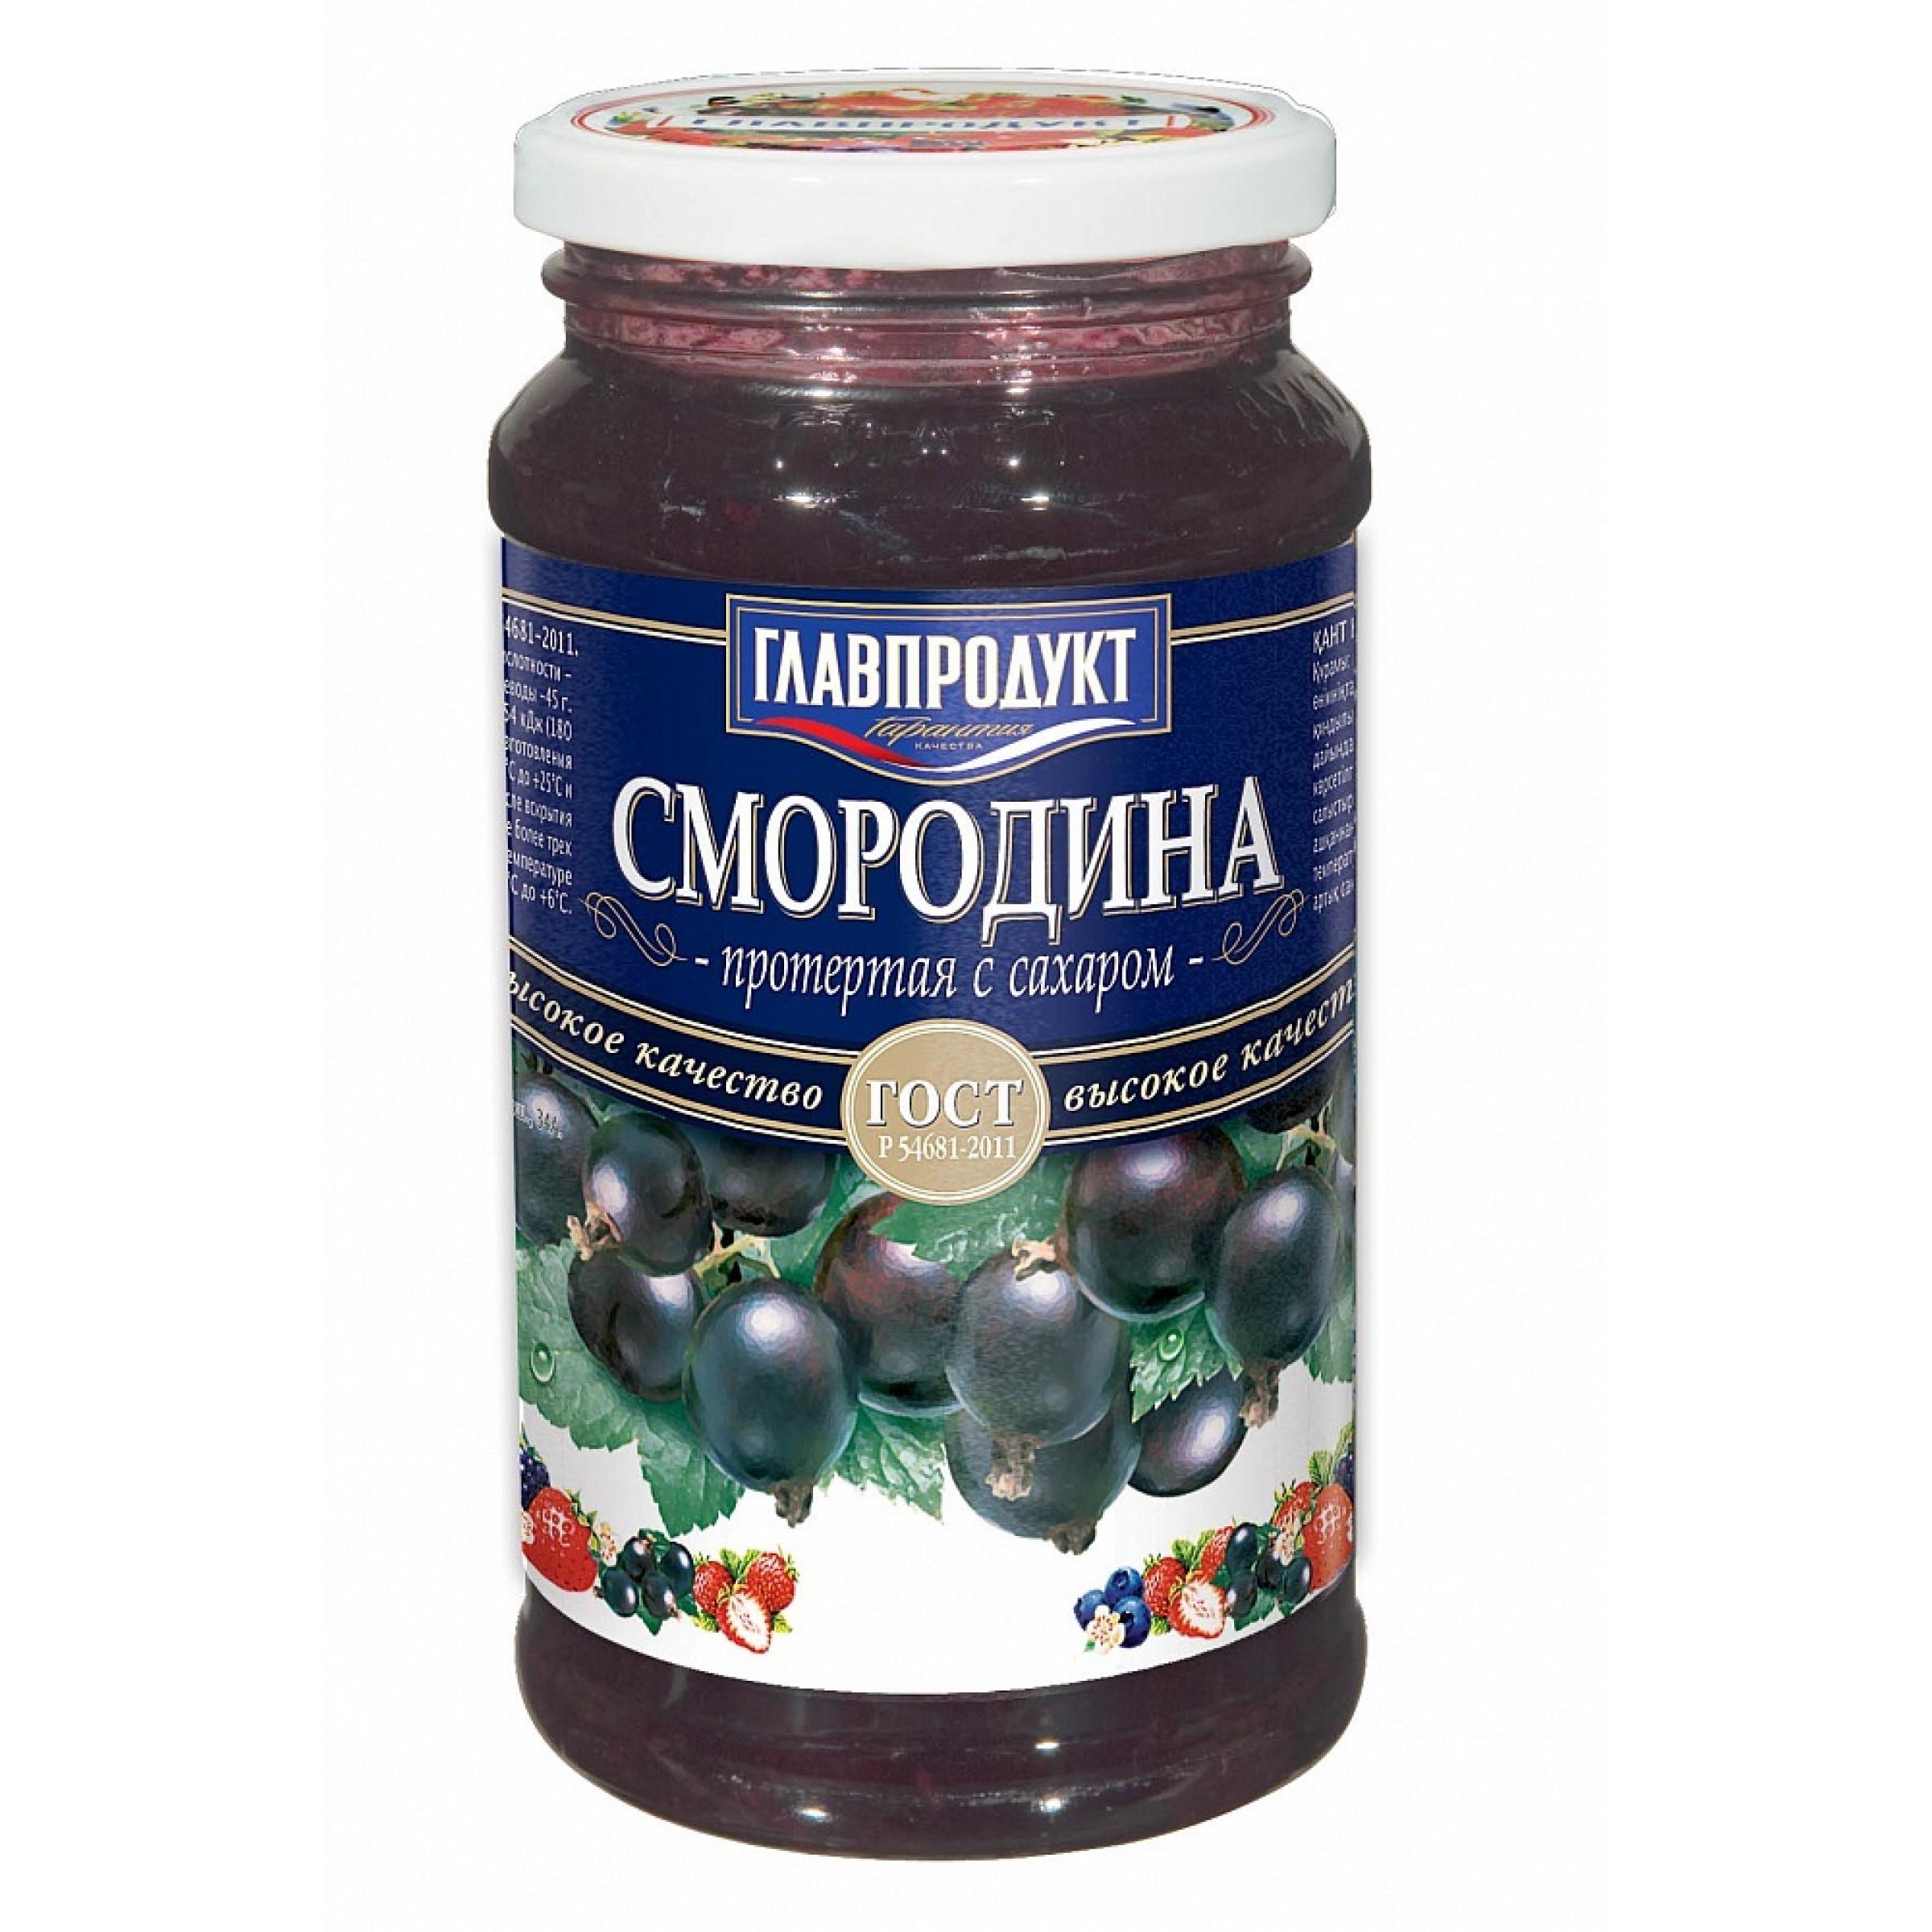 Черная смородина Главпродукт, потертая с сахаром, 550г